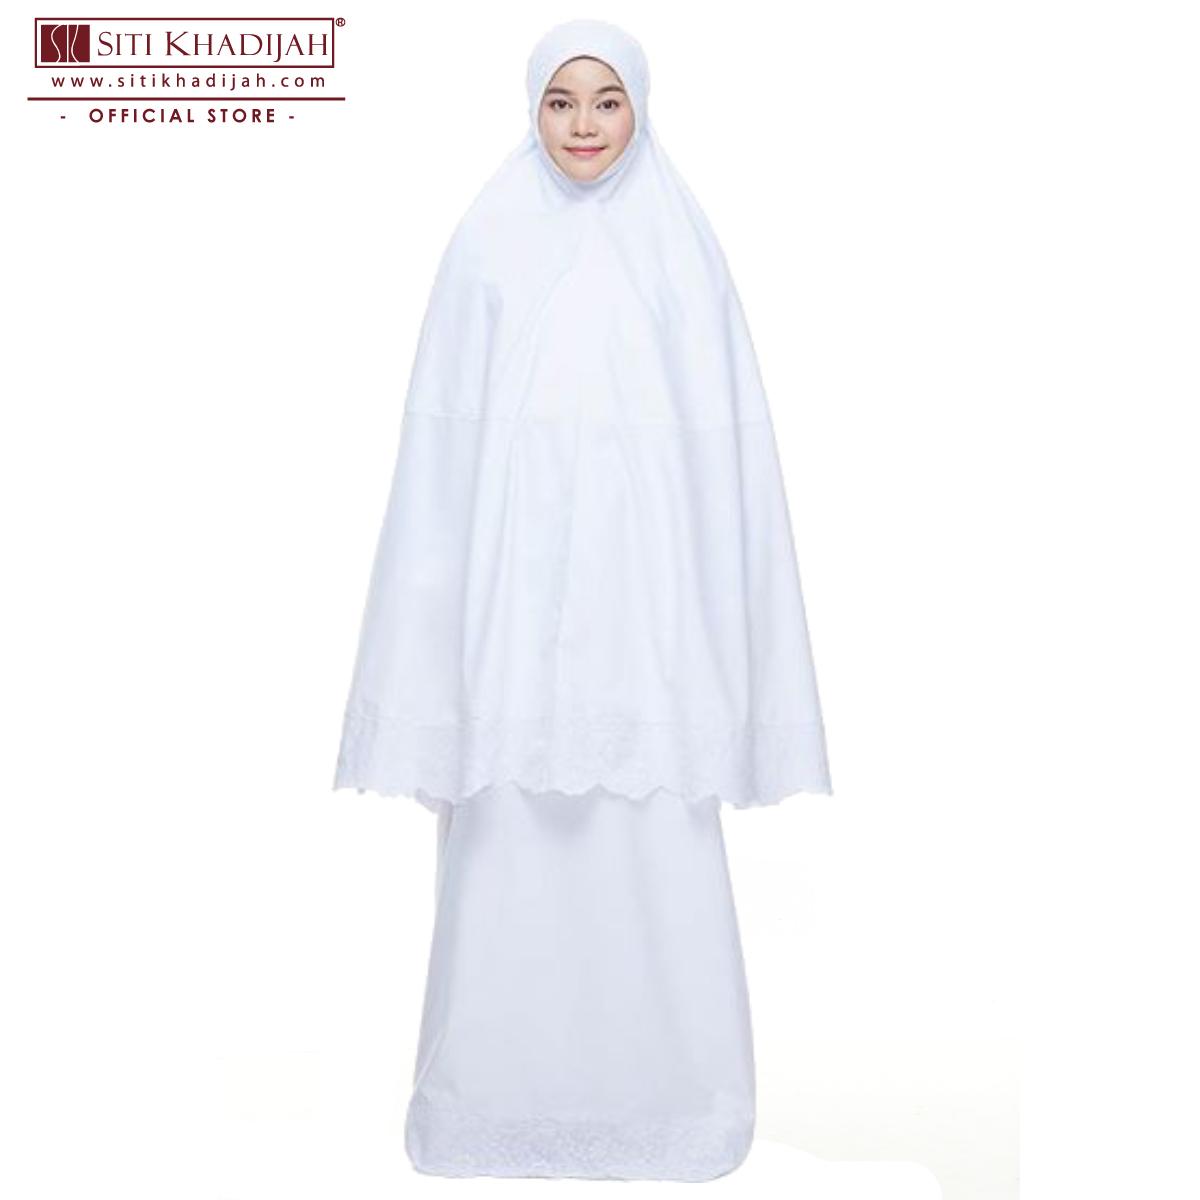 Telekung Siti Khadijah - Harmony Signature Aura (One Set)